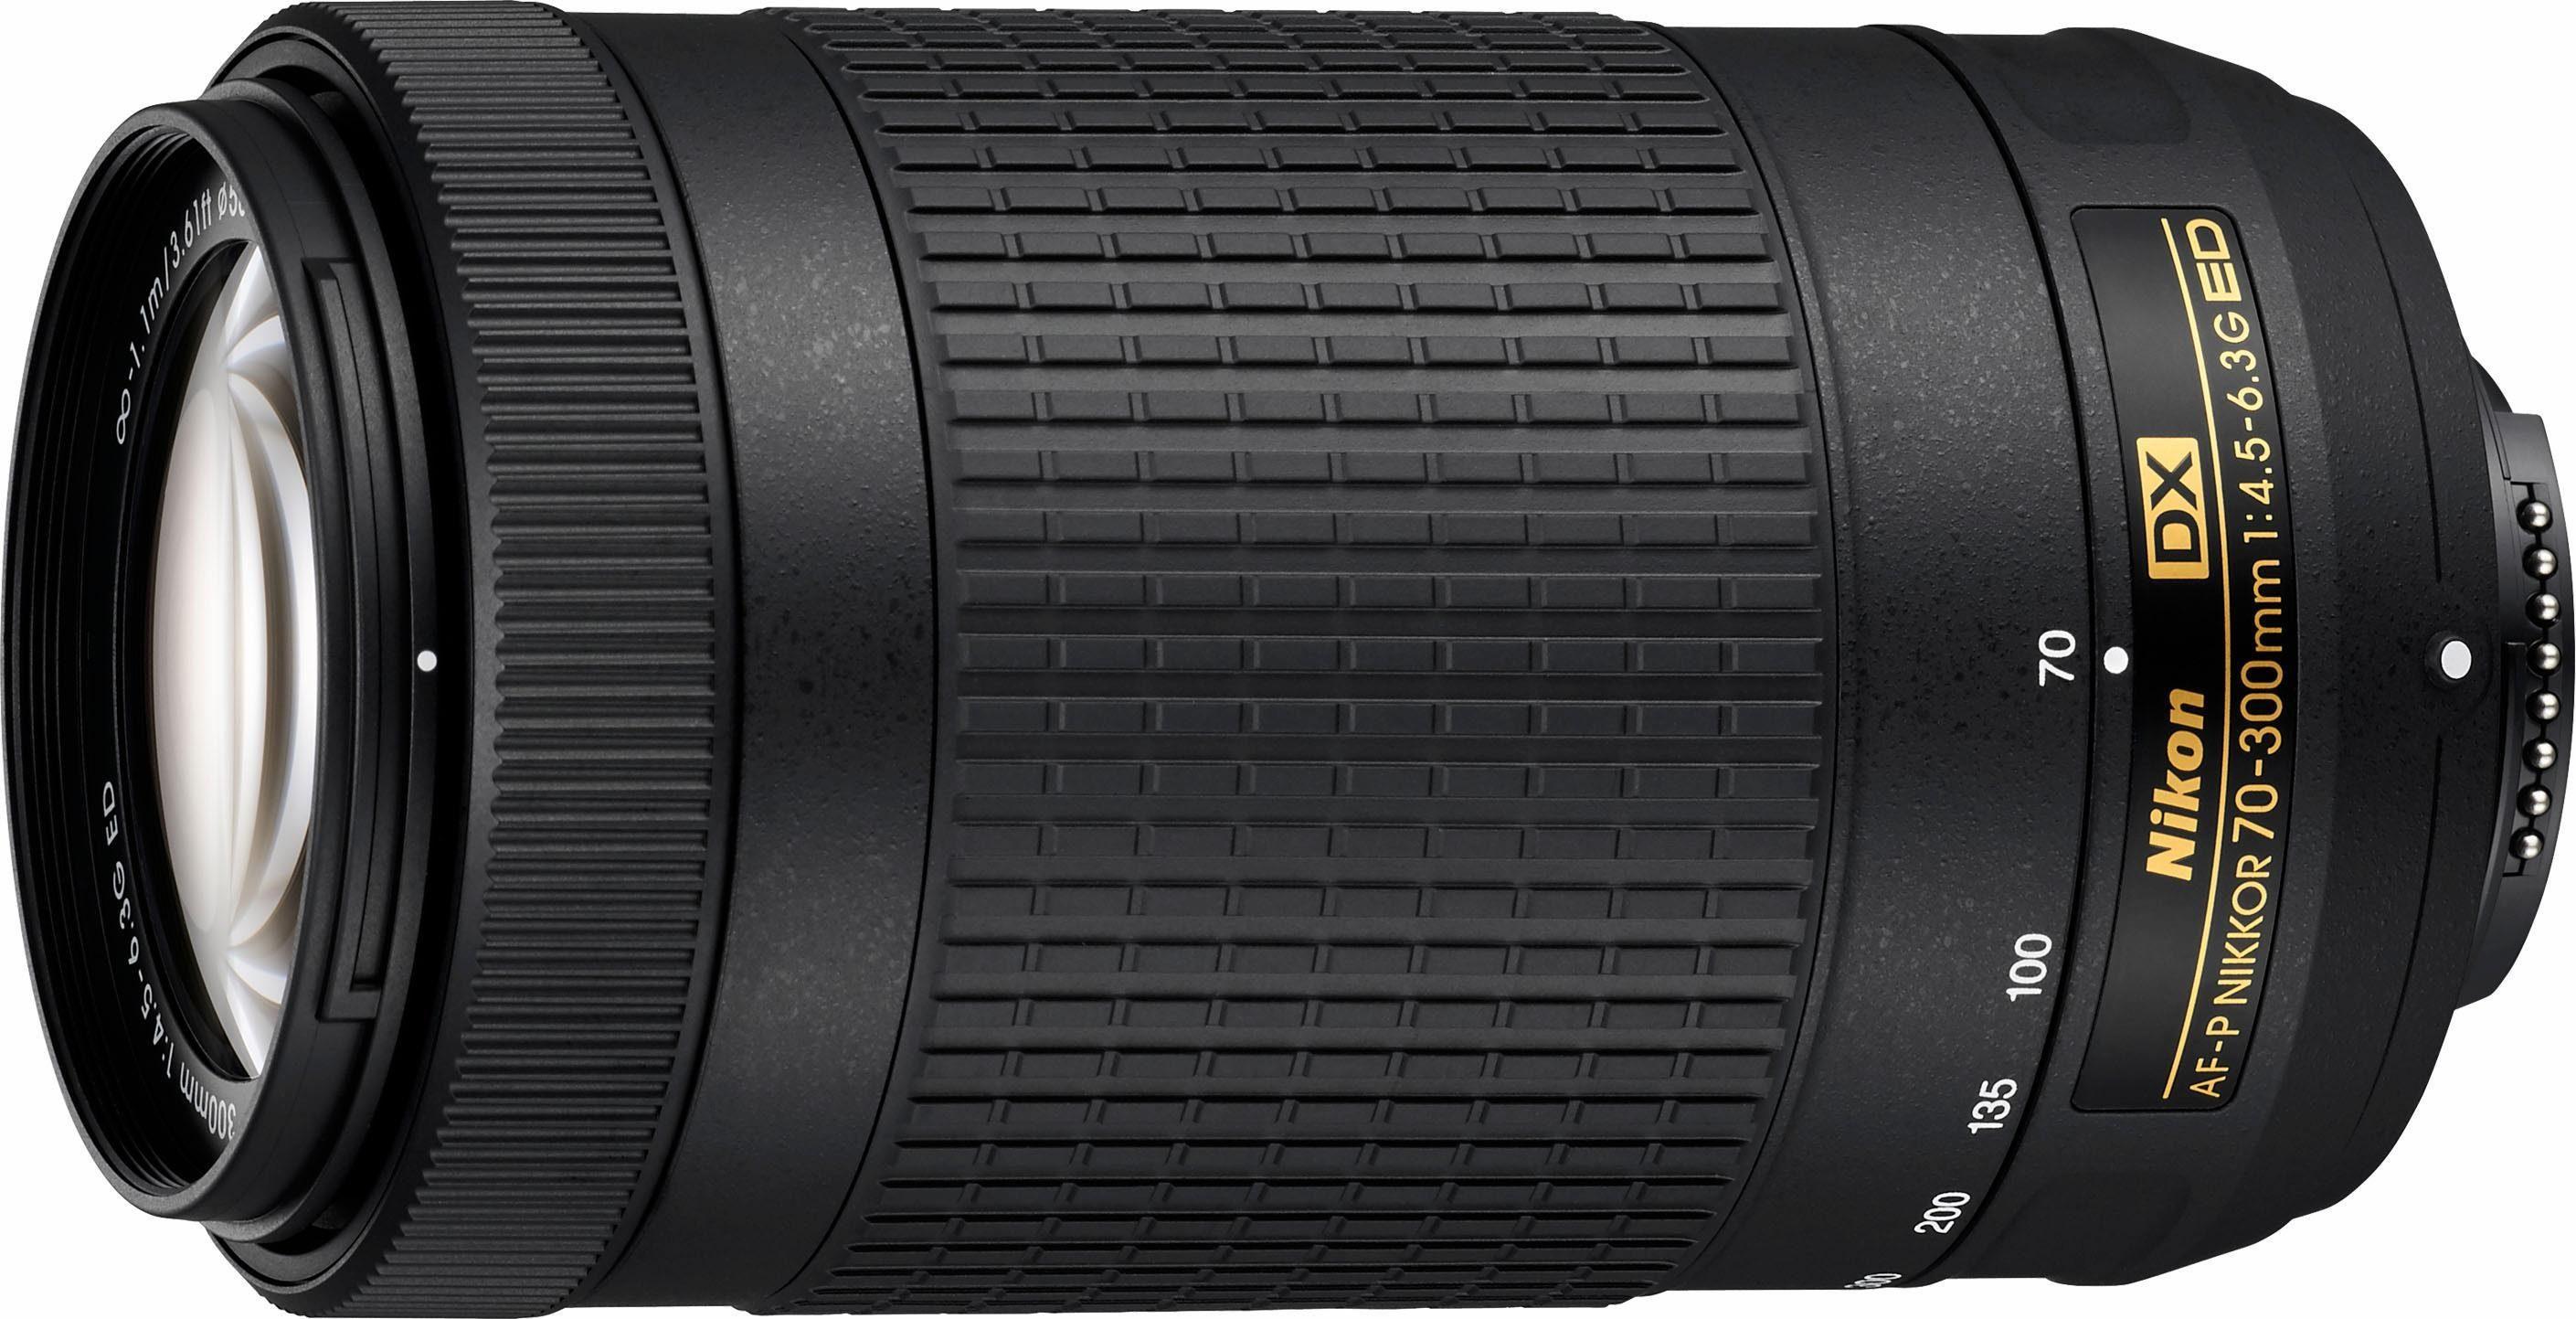 Nikon AF-P DX 70-300 mm 1:4,5-6,3G ED Supertele Objektiv